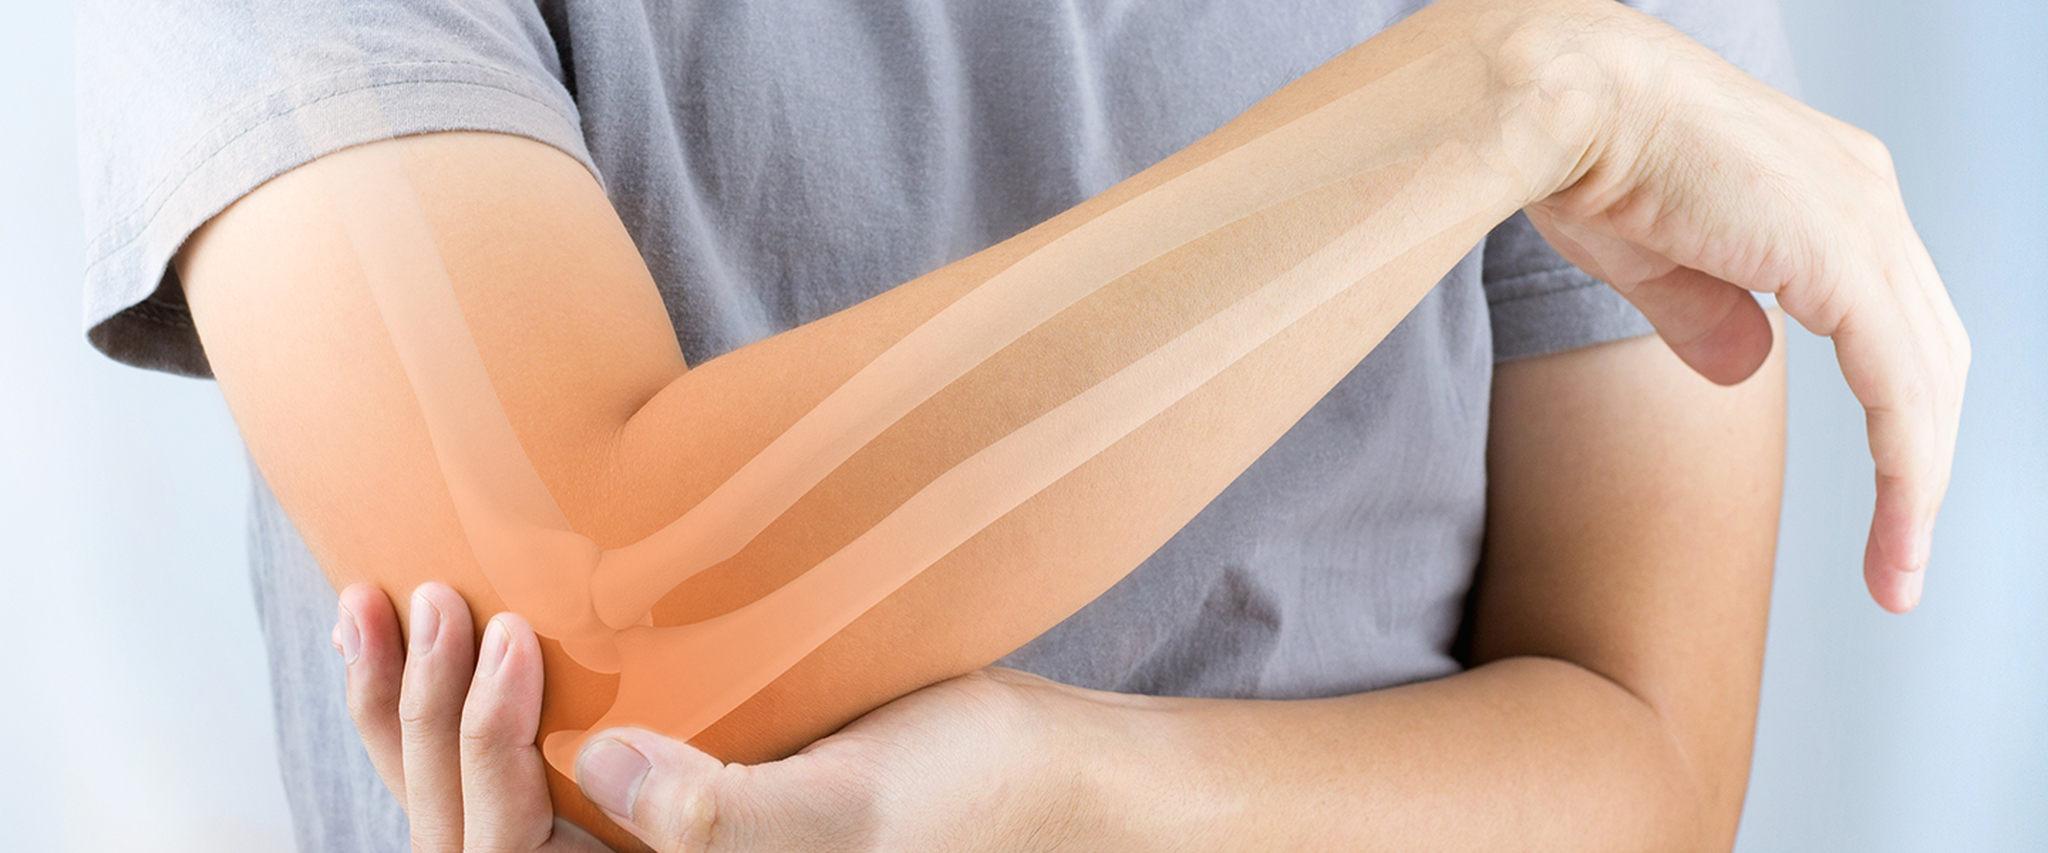 kolun üzerindeki eklem kemiği, romatizma ağrısı nasıl geçer